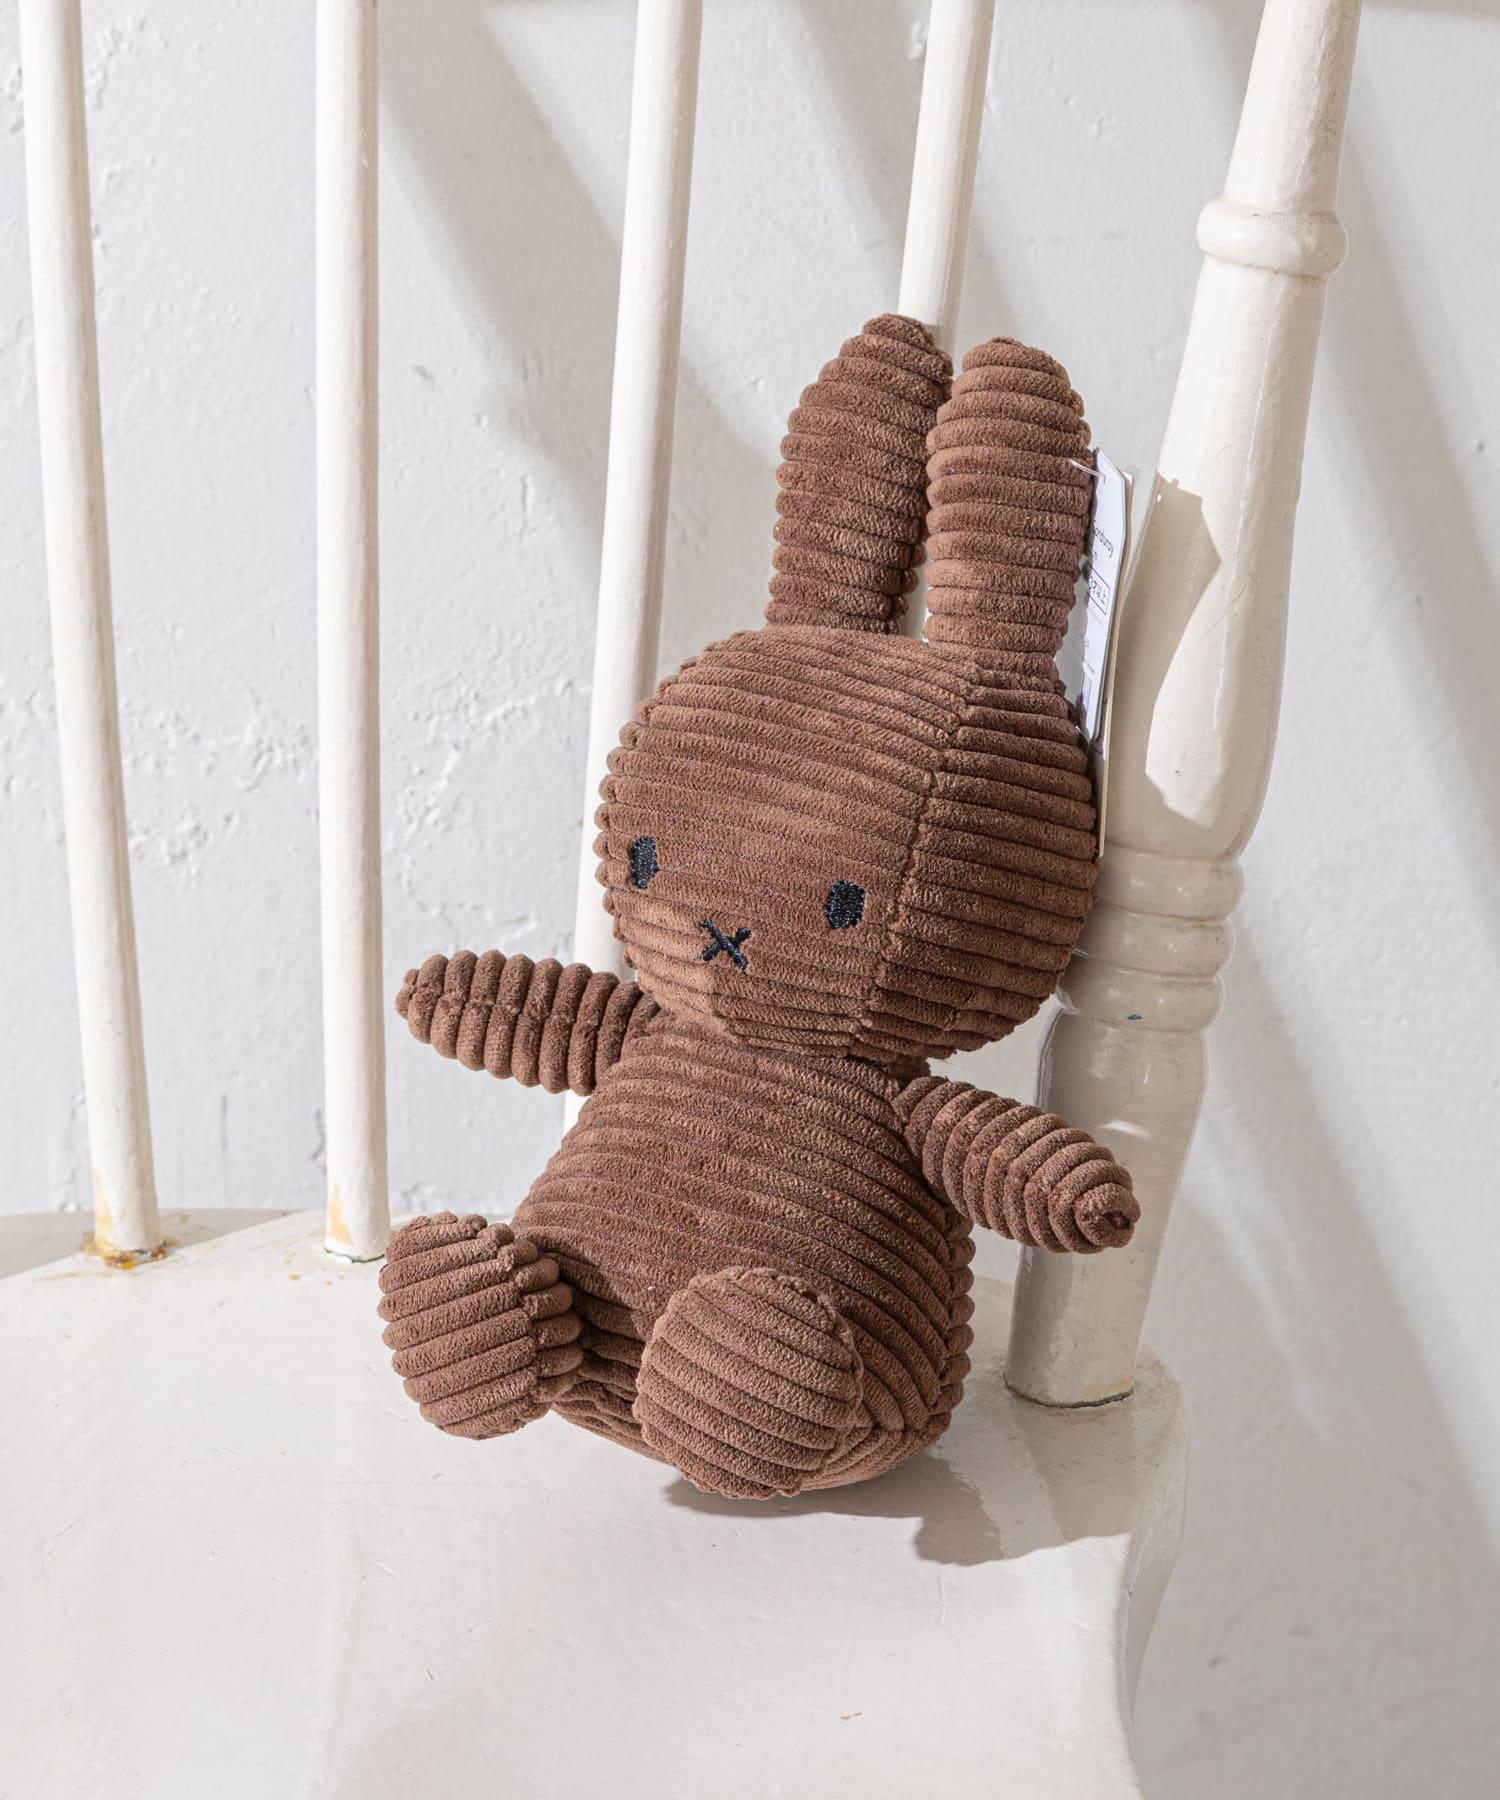 Discoat(ディスコート) ライフスタイル Miffy Corduroy 23cm ブラウン